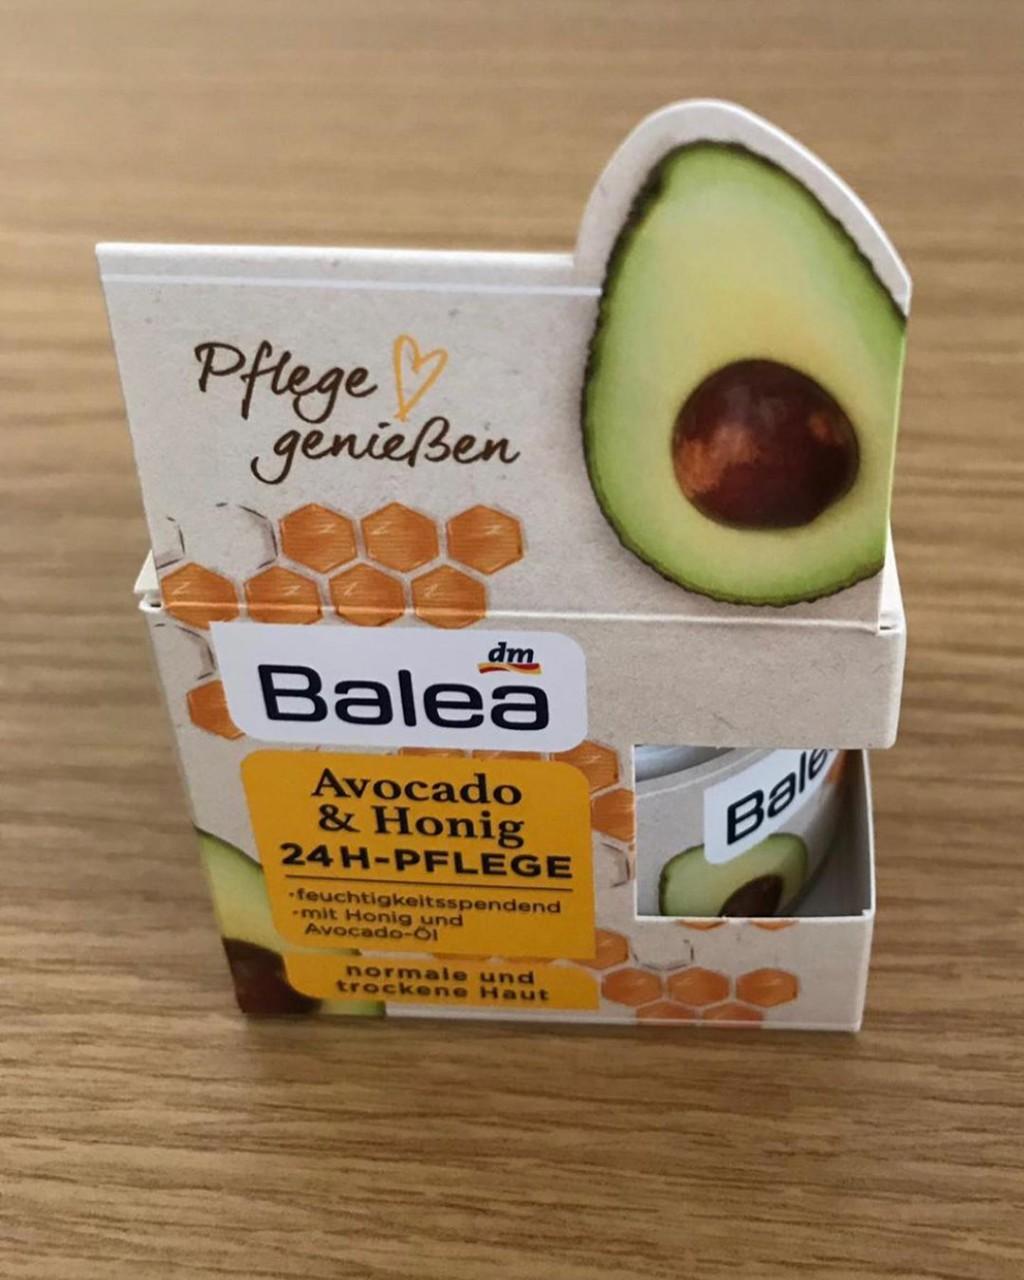 Kem dưỡng da Balea bơ + mật ong dành cho da thường và da khô